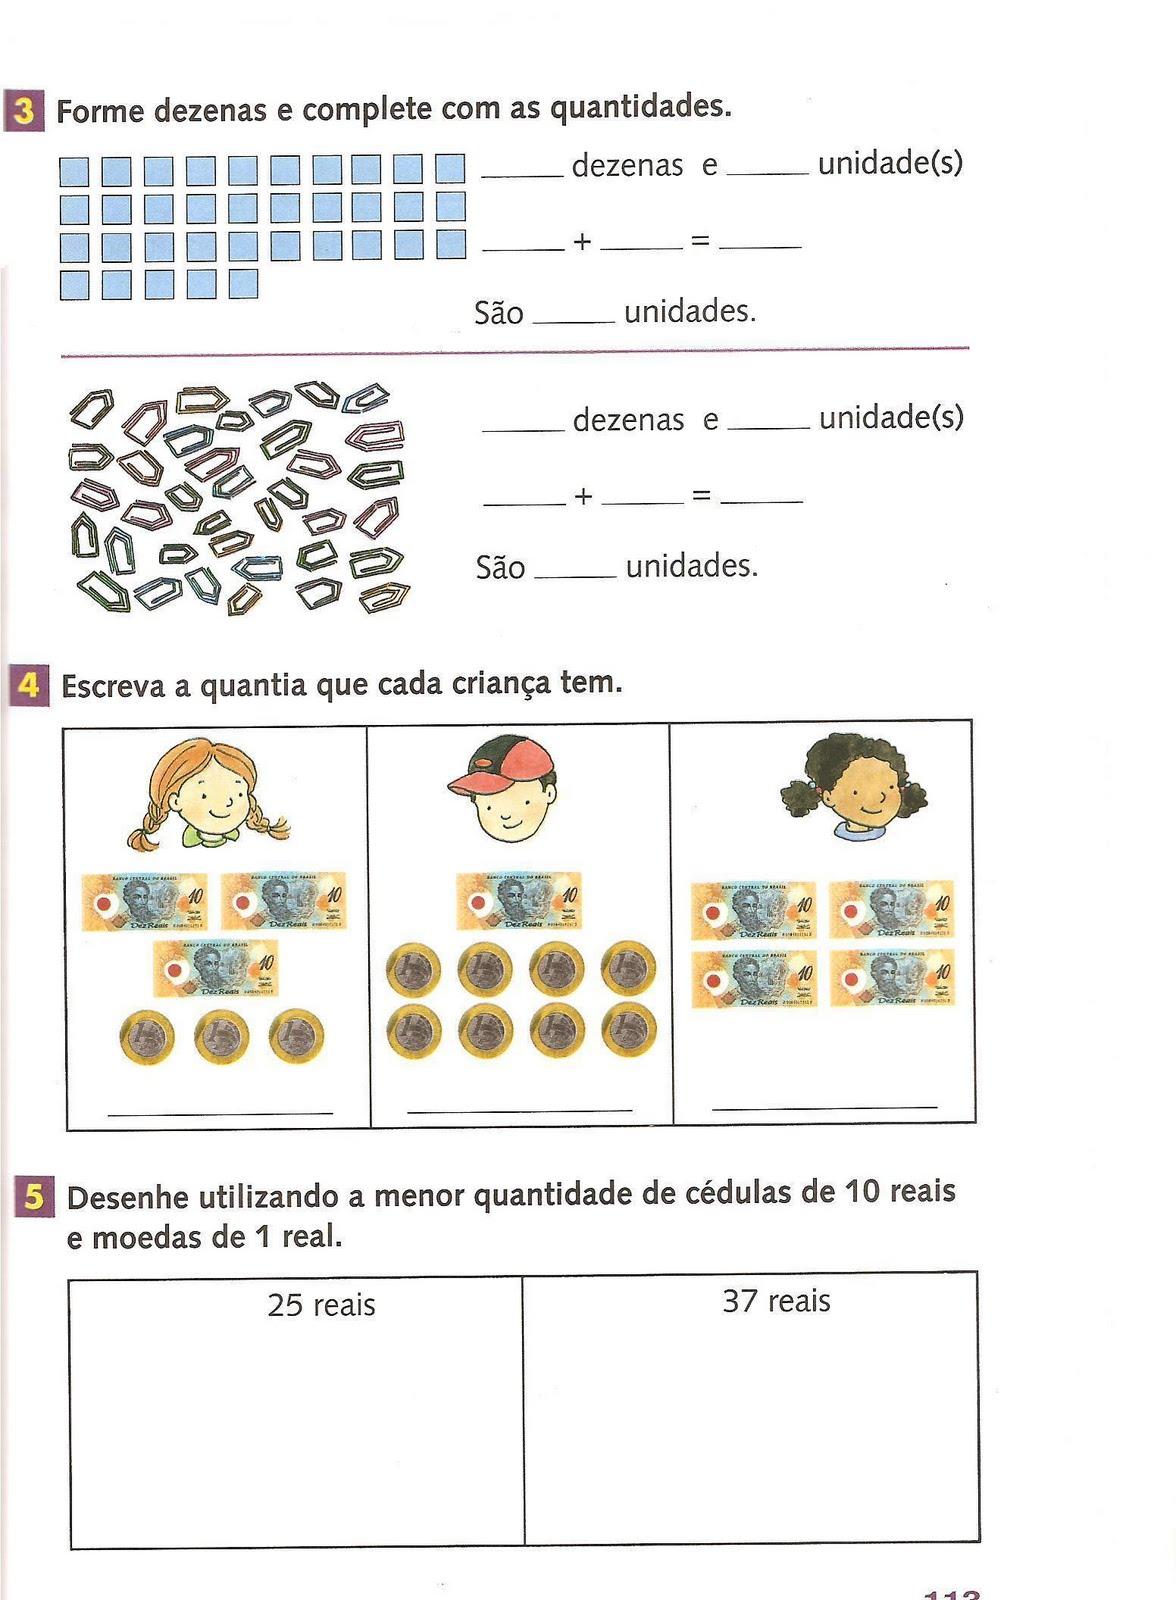 Fabuloso Jardim da Tia Di♥: Atividades com Material Dourado - Matemática PE15